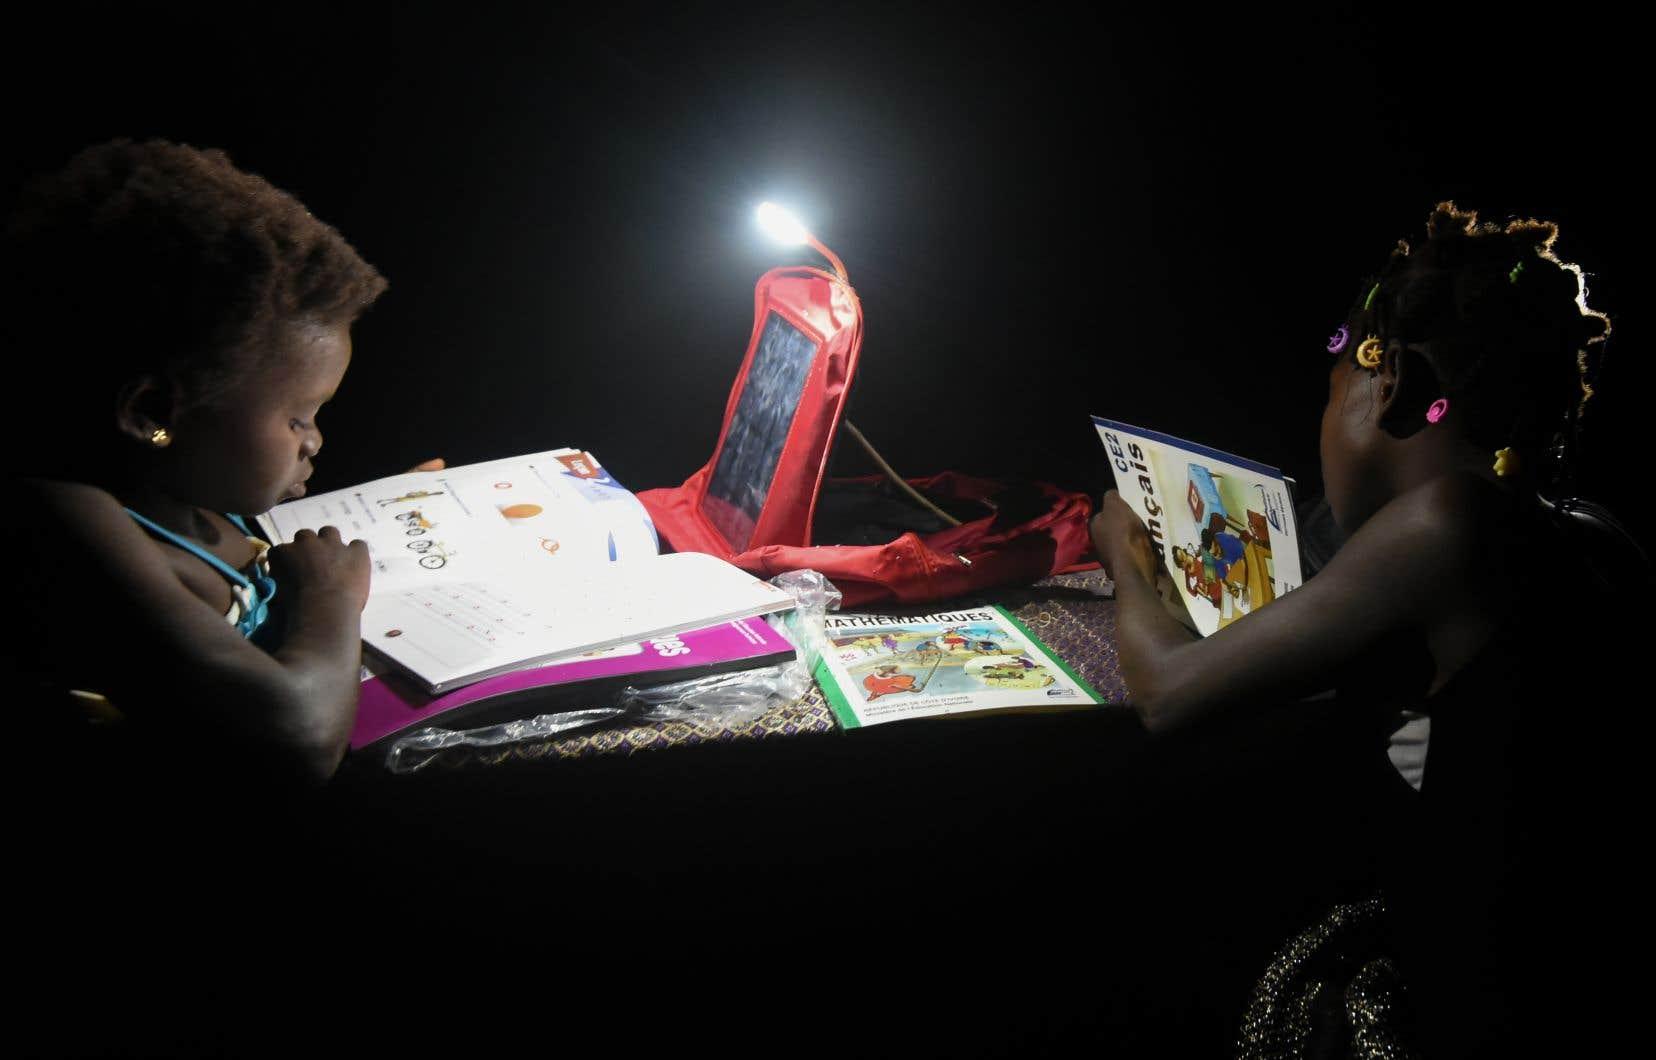 La jeune Lucienne tourne les pages d'un livre àa la lumière de son sac d'école. «Je suis contente», dit-elle. «Avant, c'était plus compliqué.»